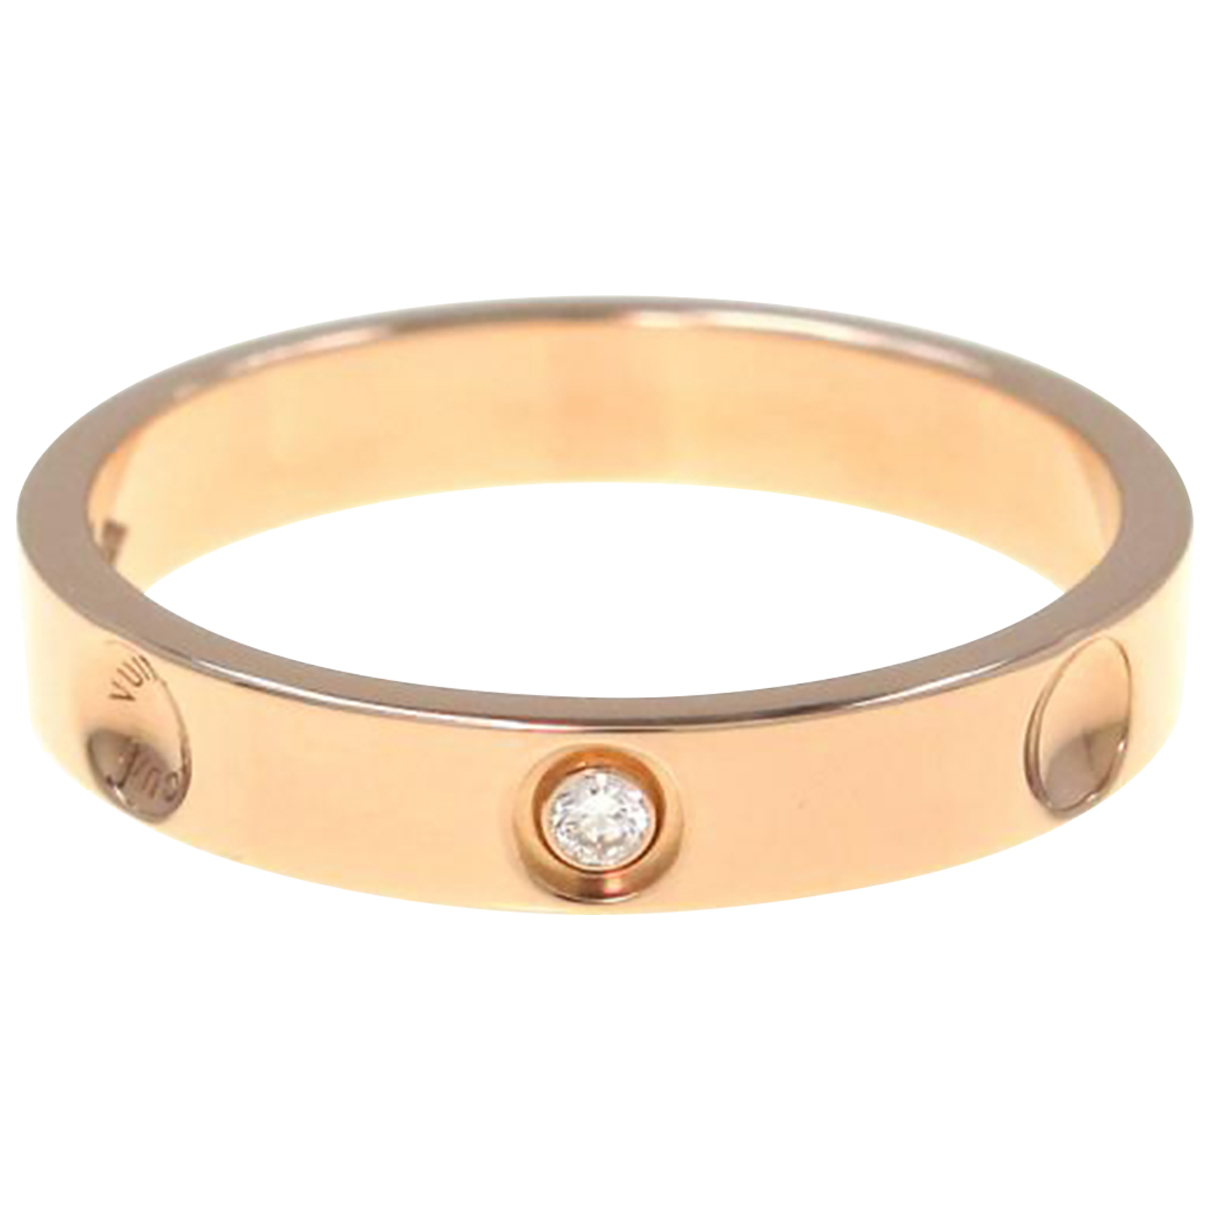 Louis Vuitton - Bague   pour femme en or rose